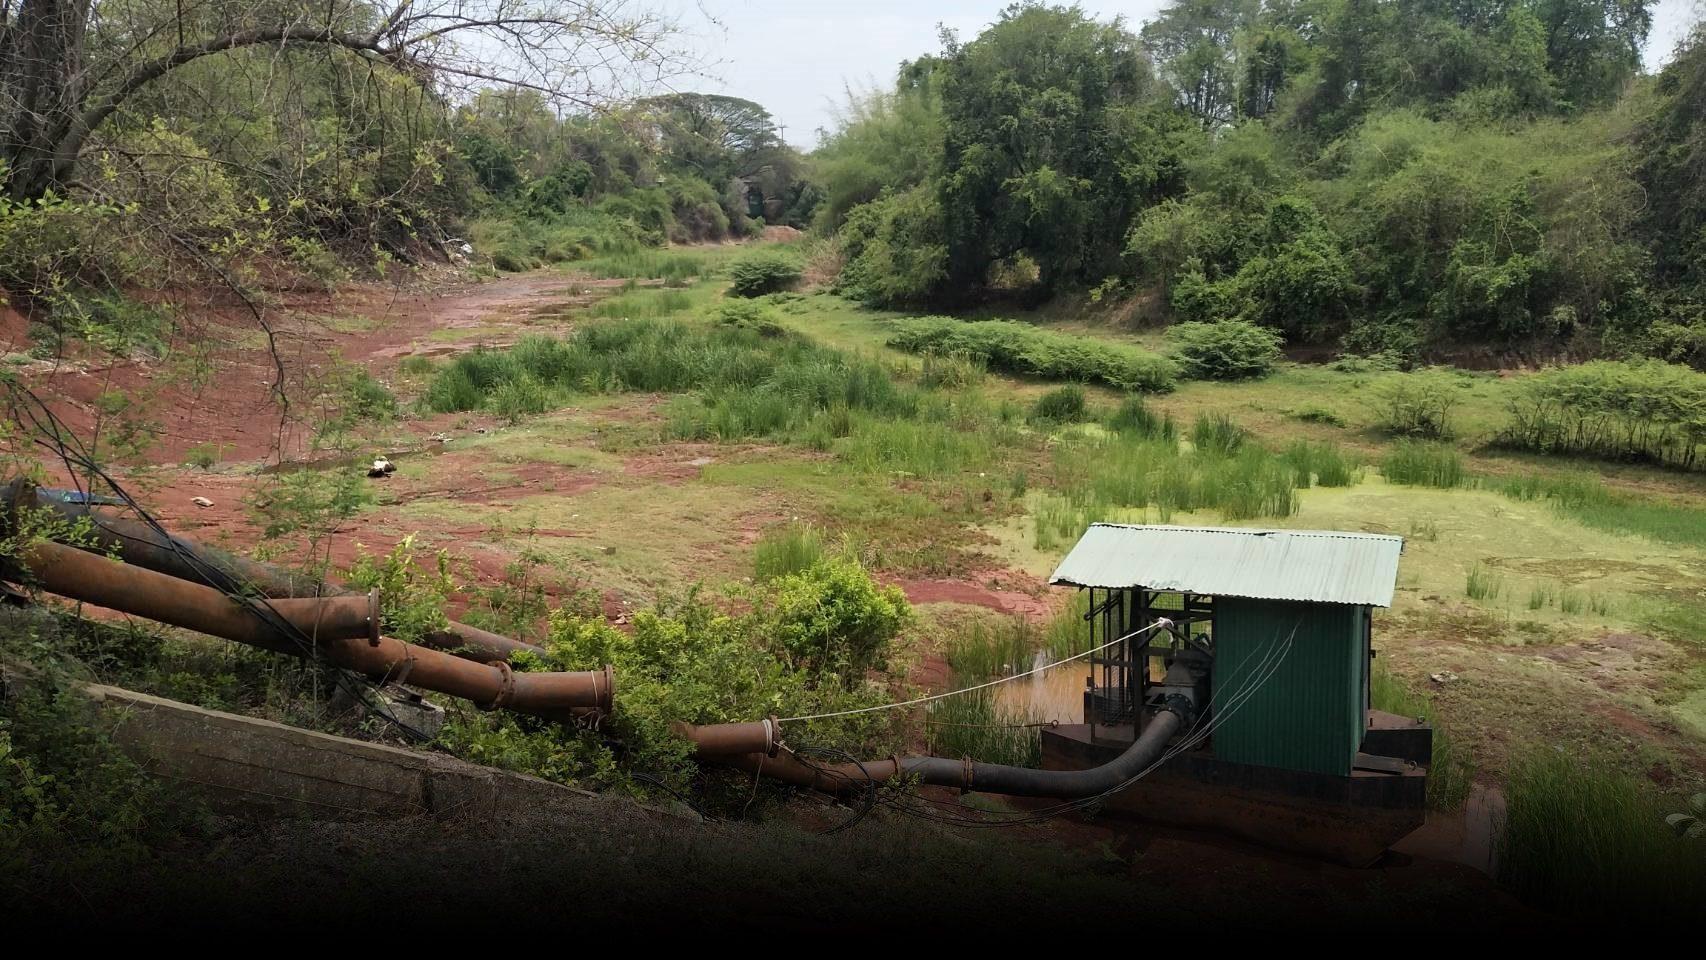 โคราช ช้ำอีก พายุฤดูร้อนไม่ช่วยเติมน้ำ ล่าสุดแม่น้ำชีแห้งขอด เหลือไม่ถึง 20%